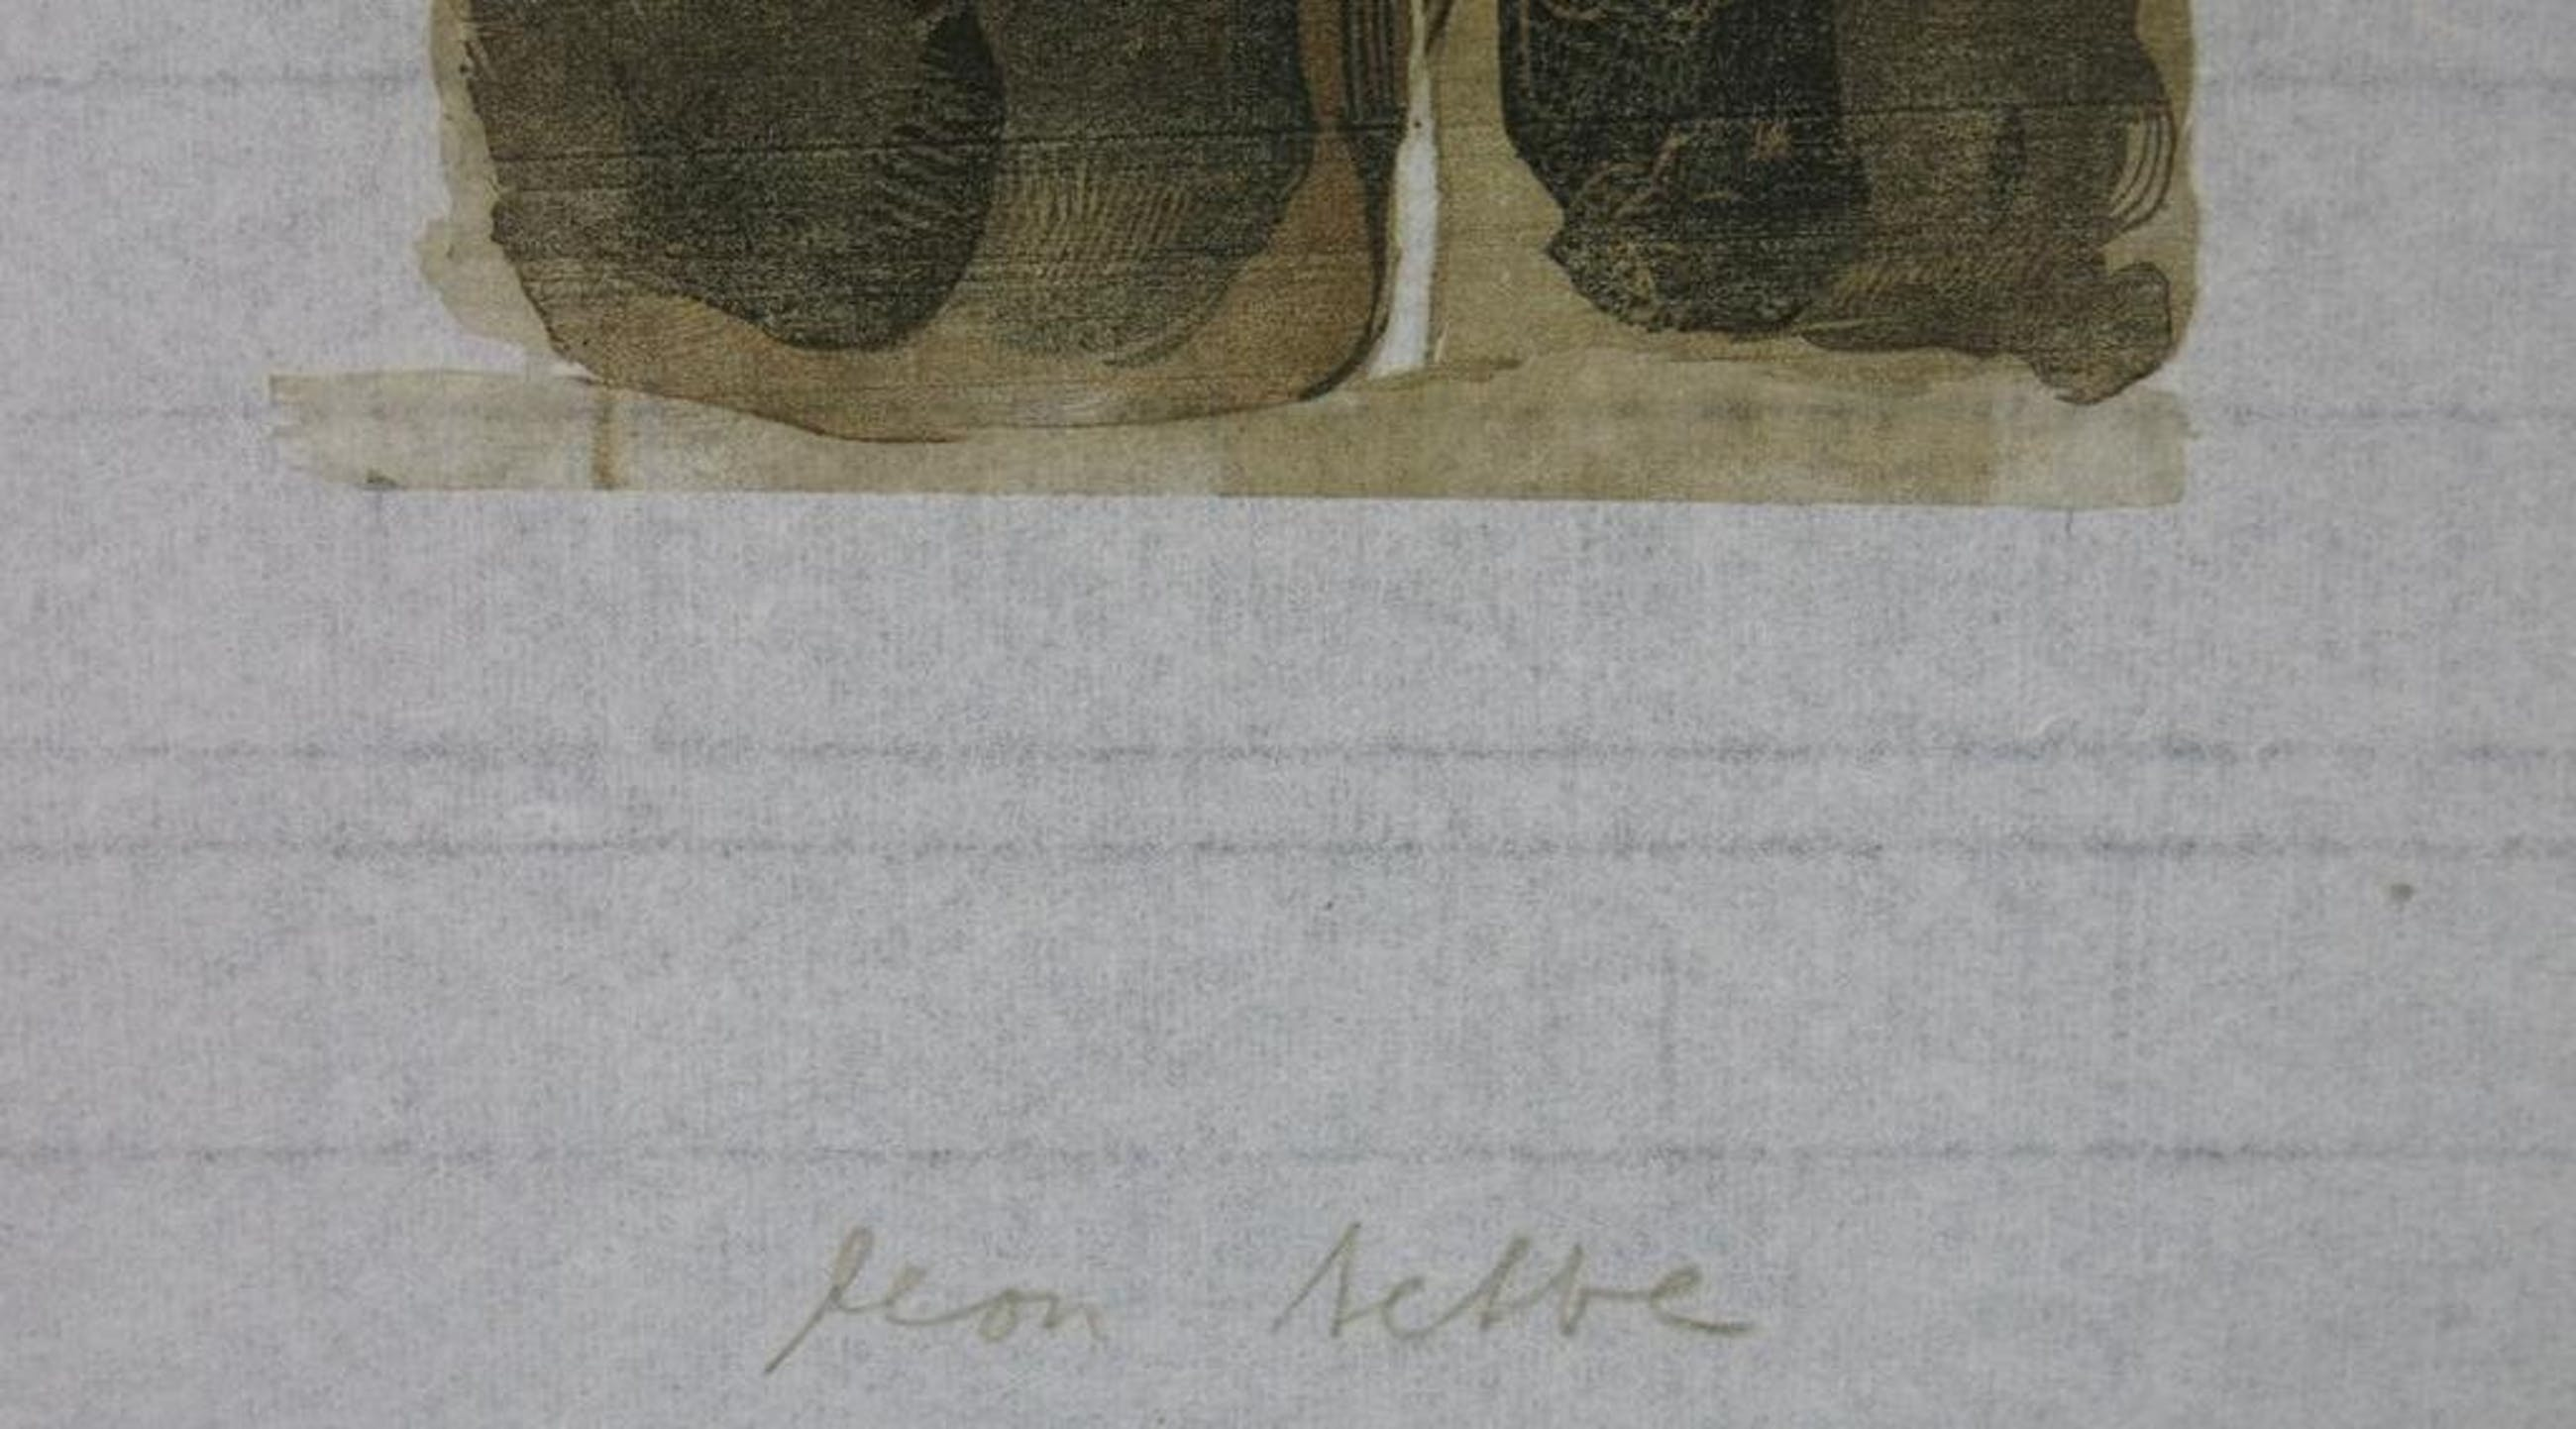 Leon Tebbe: Houtsnede, Zonder titel (bos) kopen? Bied vanaf 20!